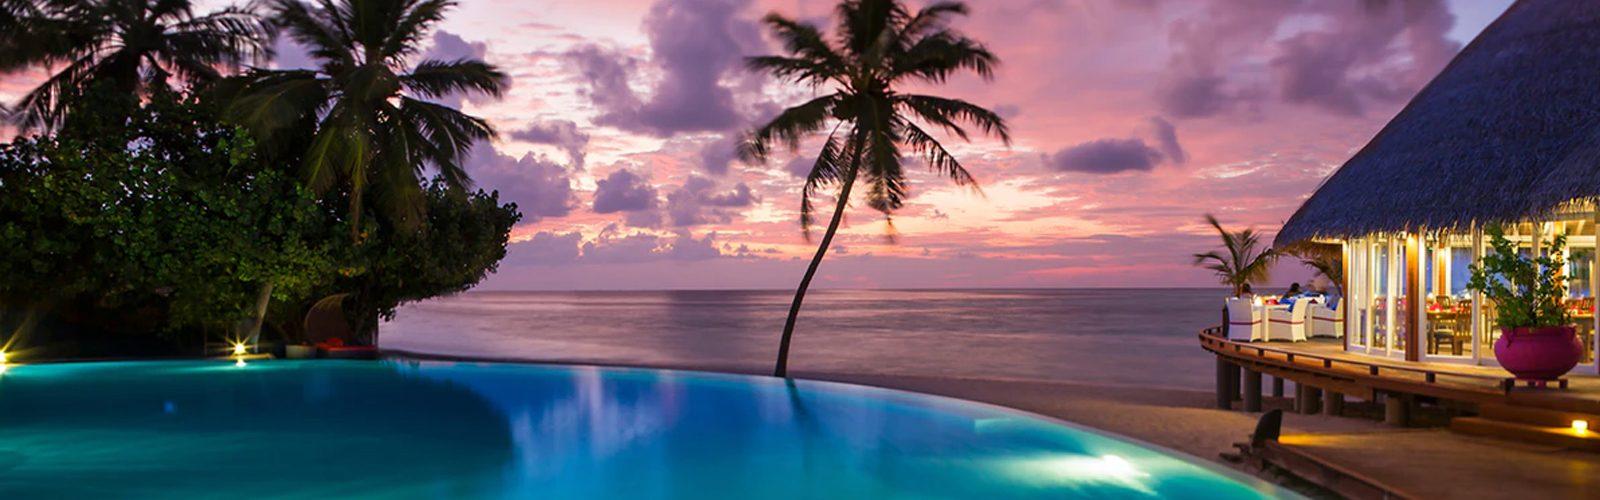 Header Simon & Debbie's Amazing Maldives Escape To Sun Aqua Vilu Reef